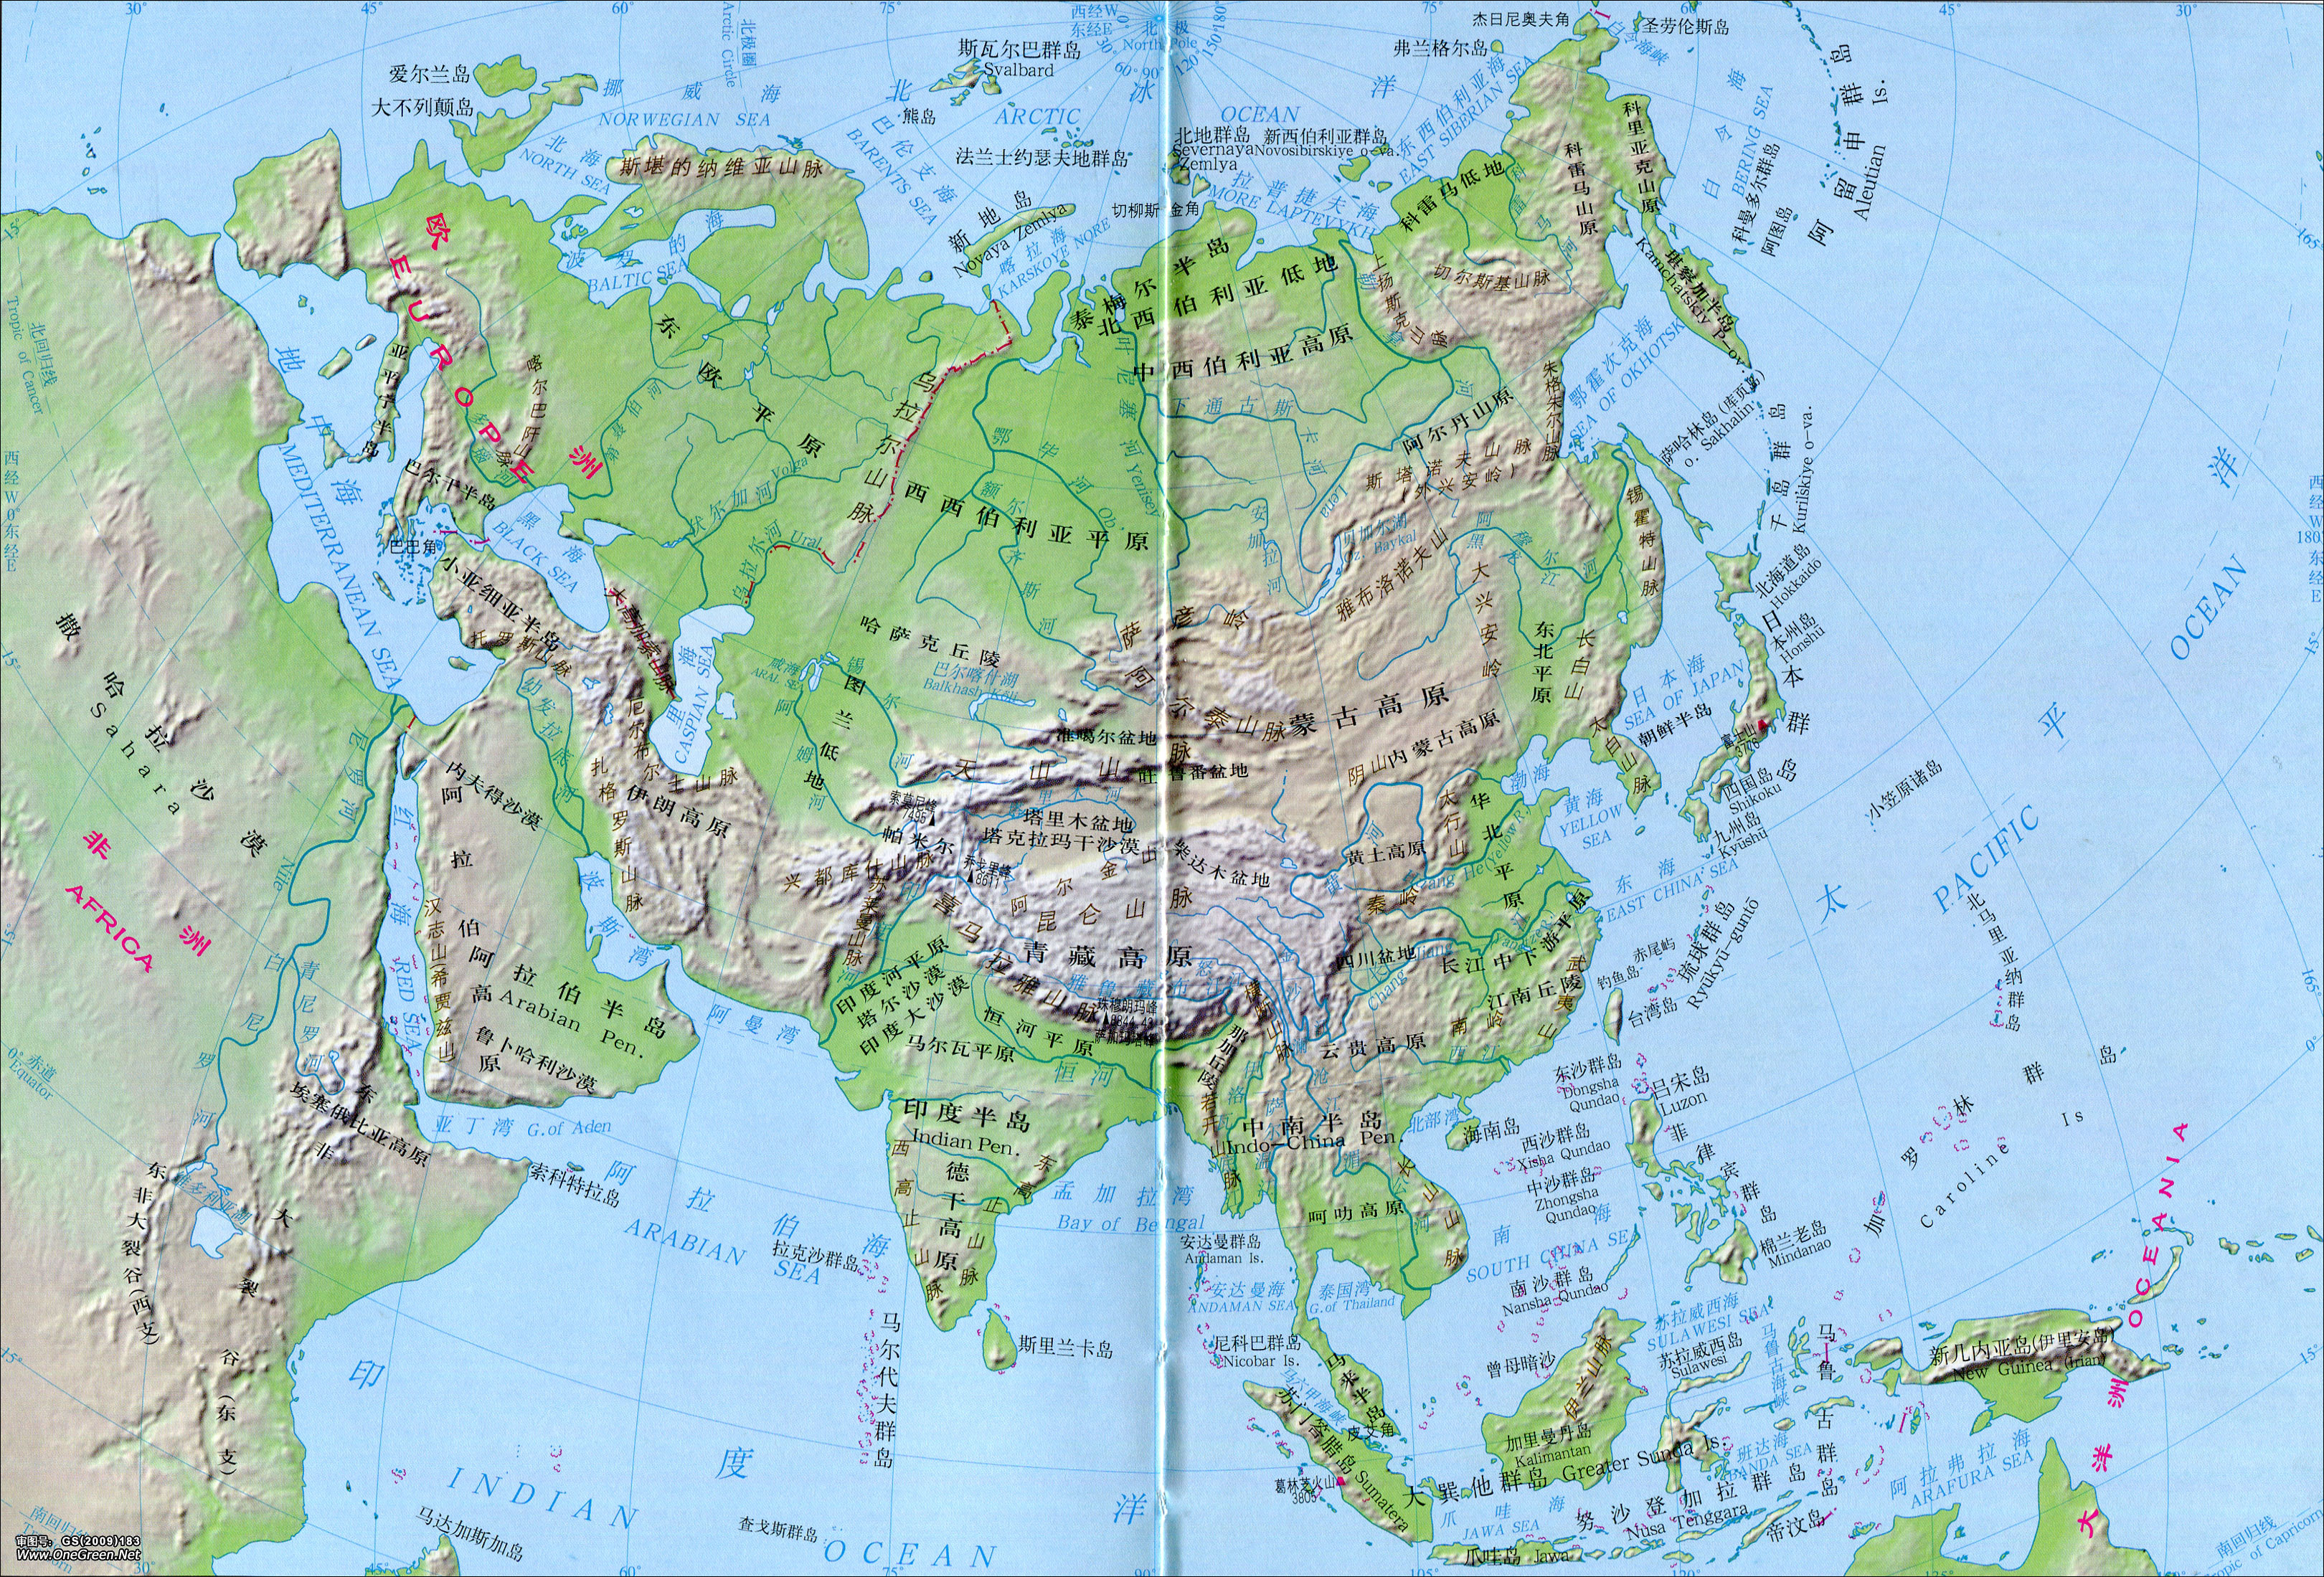 亚洲地形地图_亚洲地图_亚洲地图中文版+地形图_地图窝